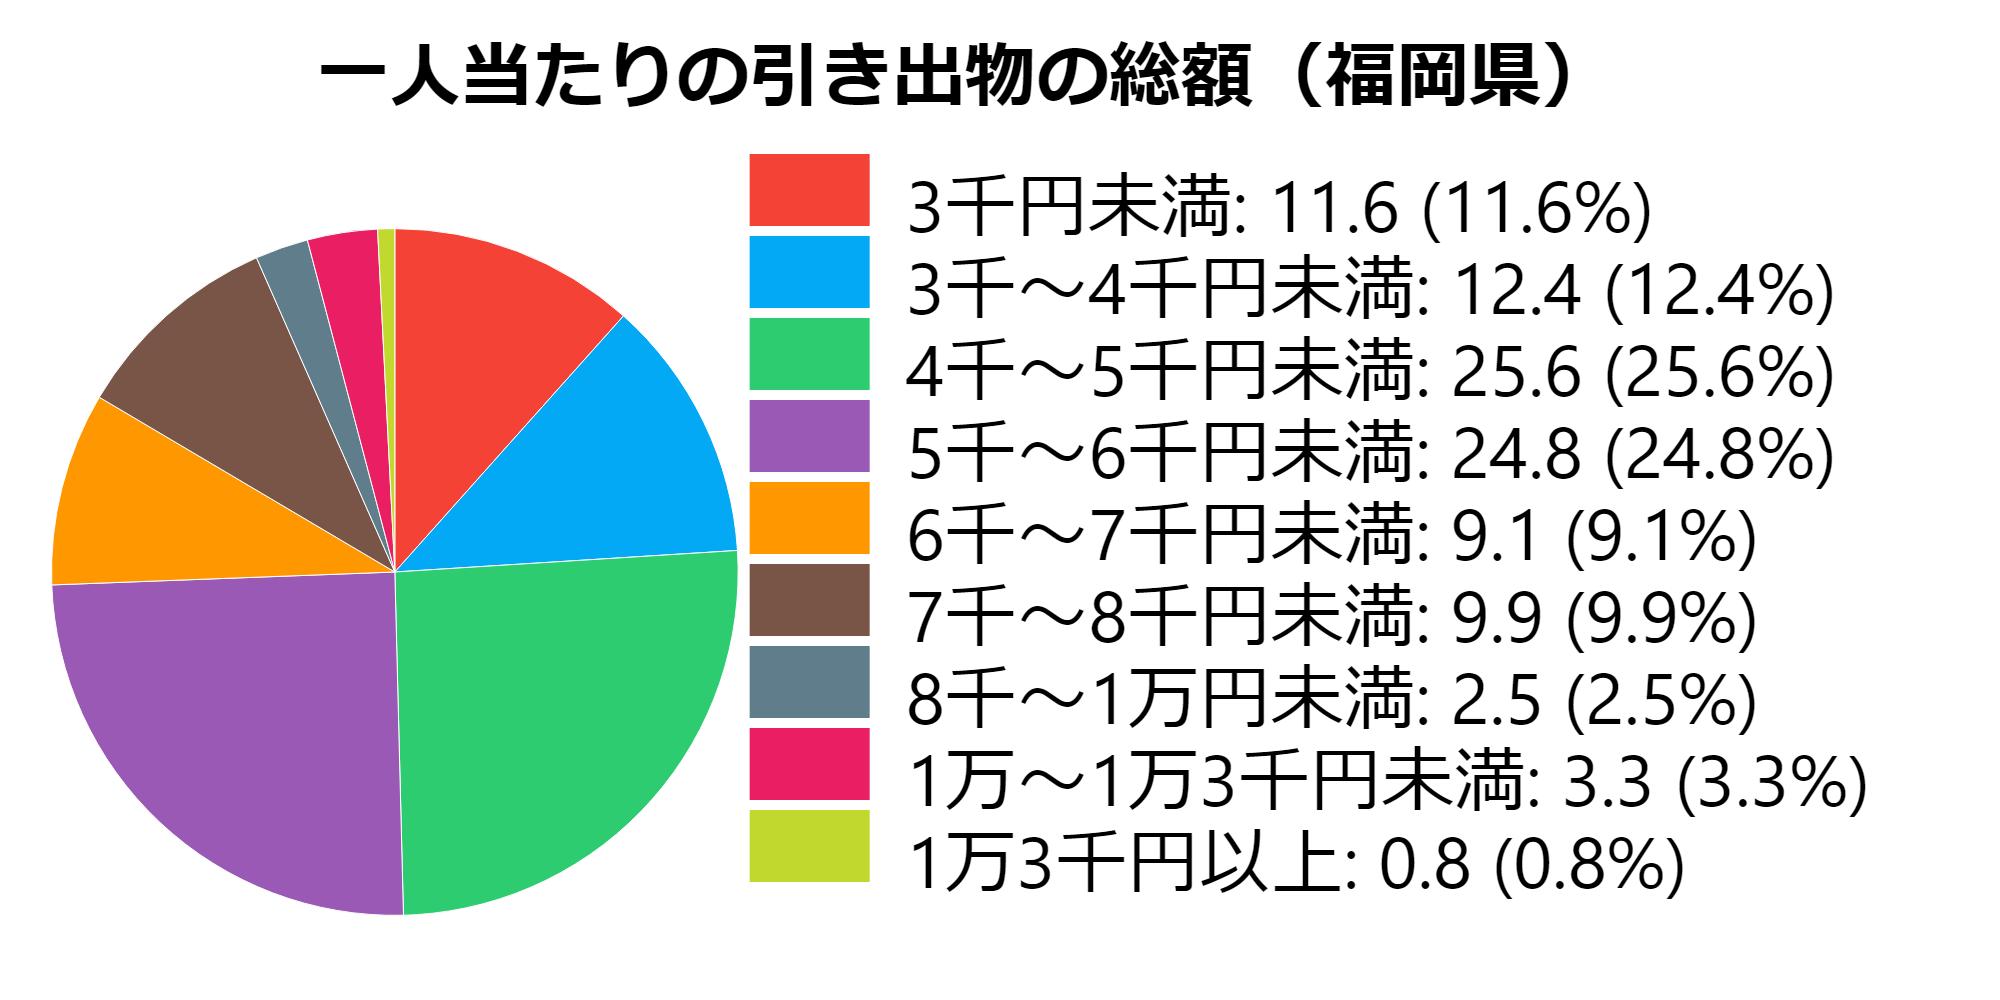 総額(福岡県)